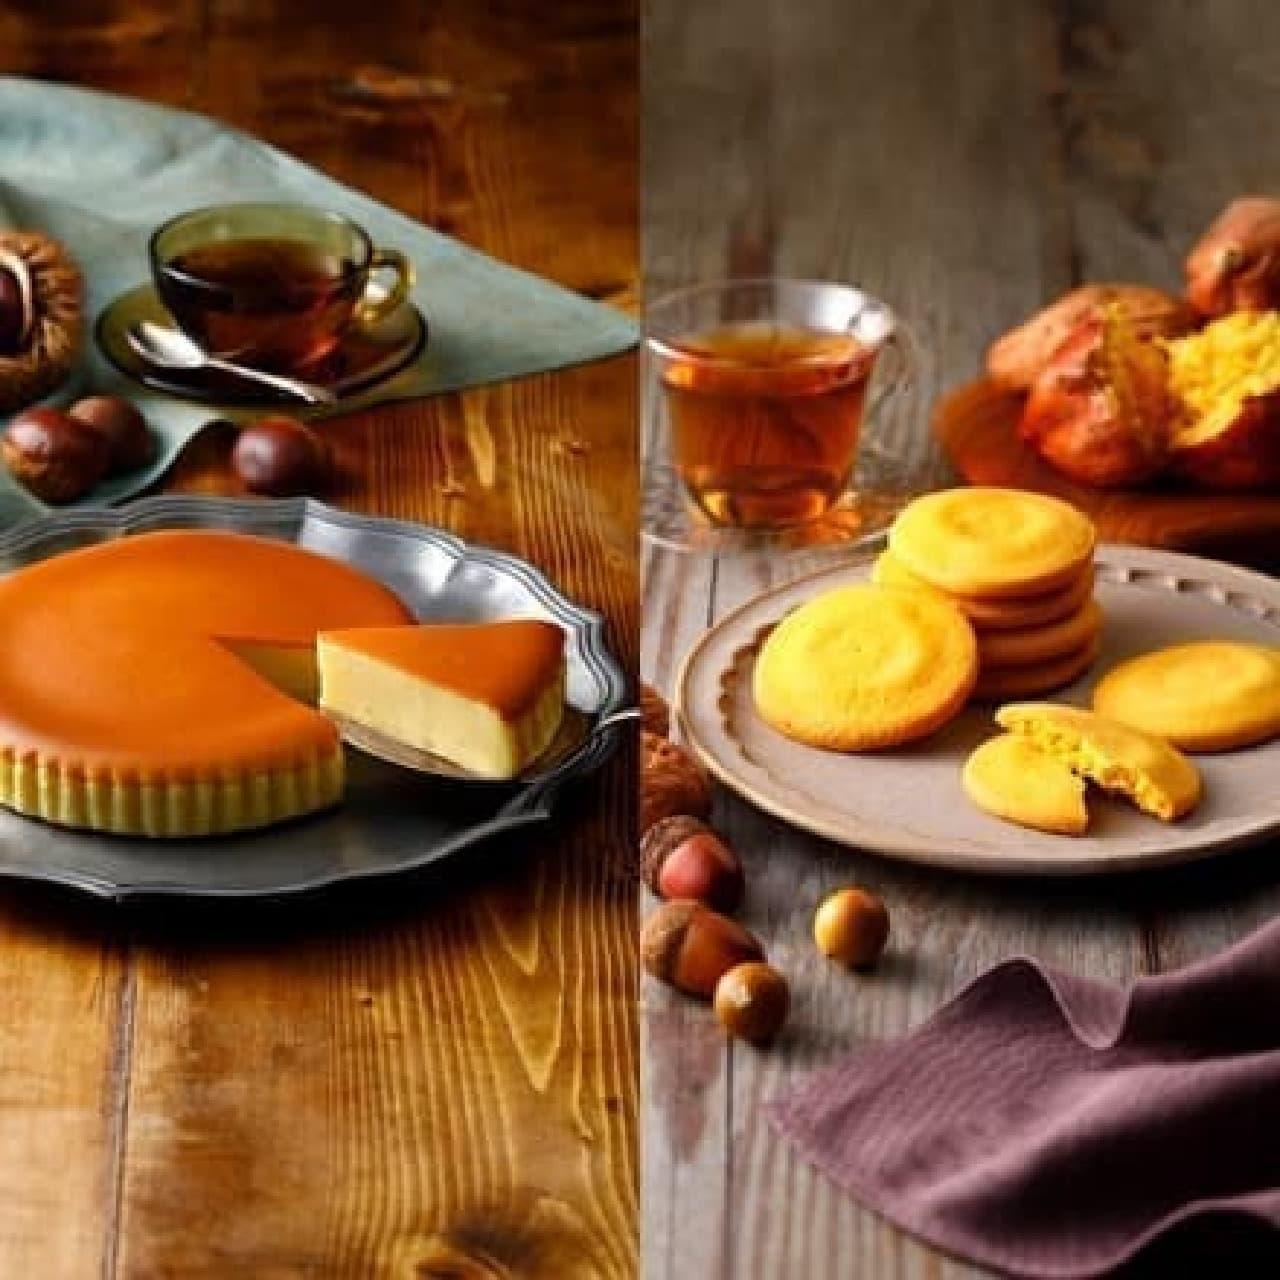 チーズガーデンの「御用邸栗チーズケーキ」と「安納芋チーズクッキー」